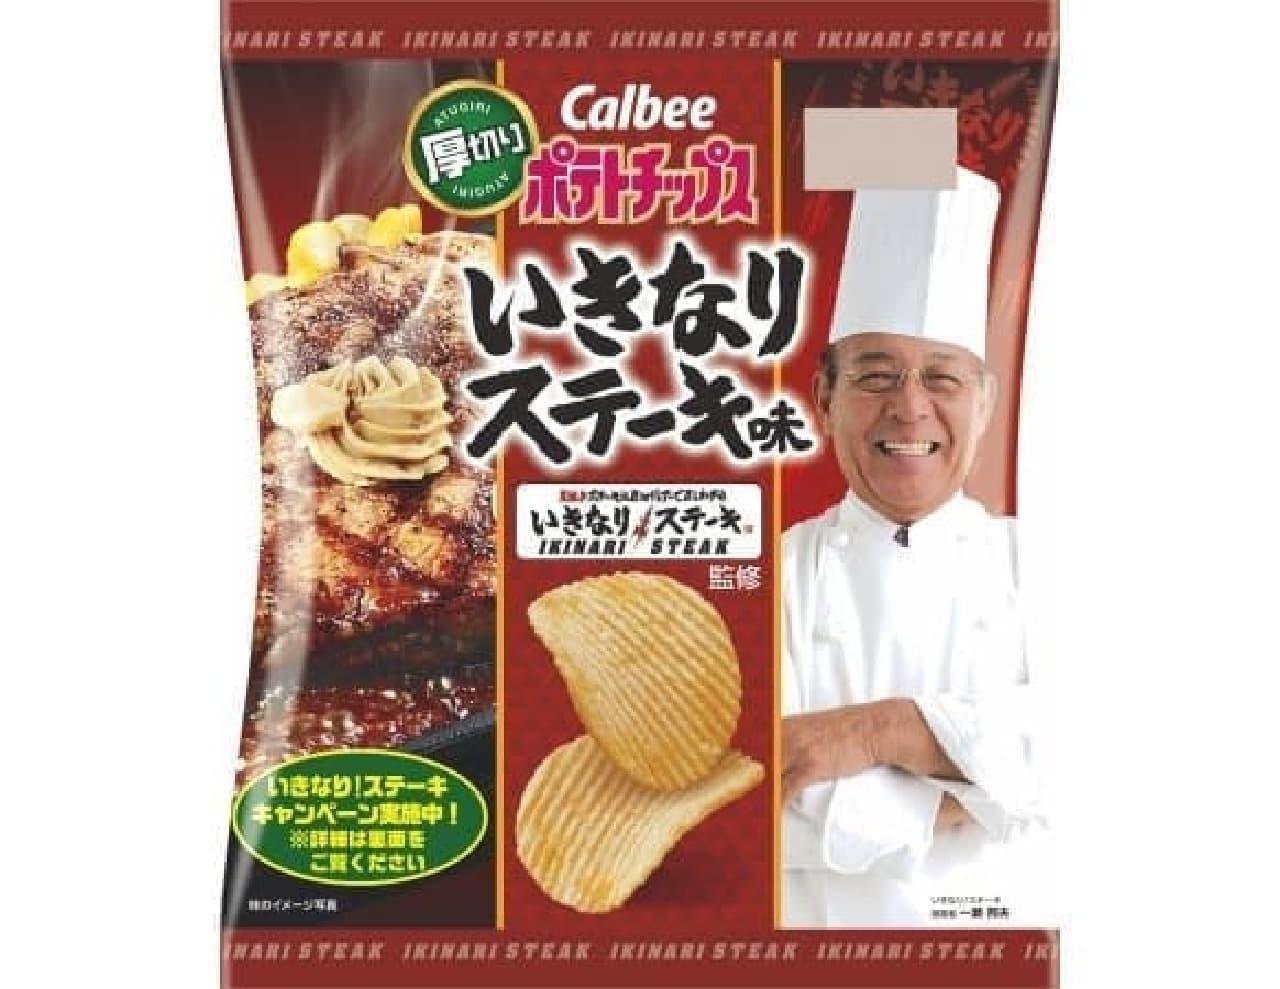 カルビー「ポテトチップス厚切り いきなり!ステーキ味」